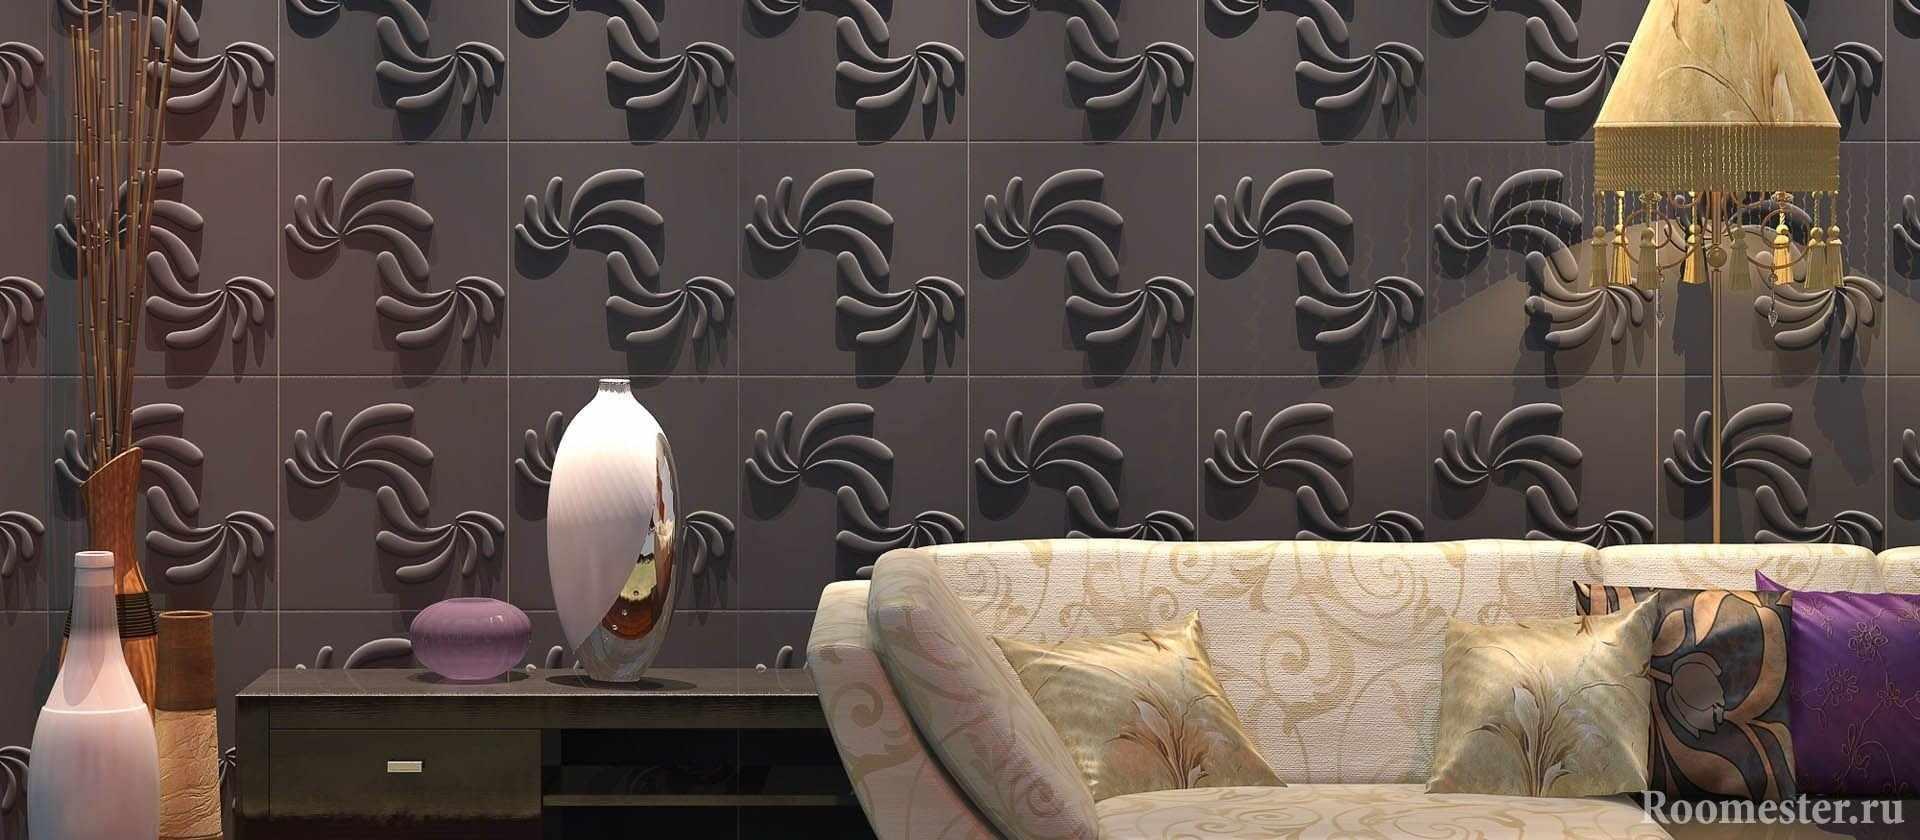 Декоративная плиточная панель для стен